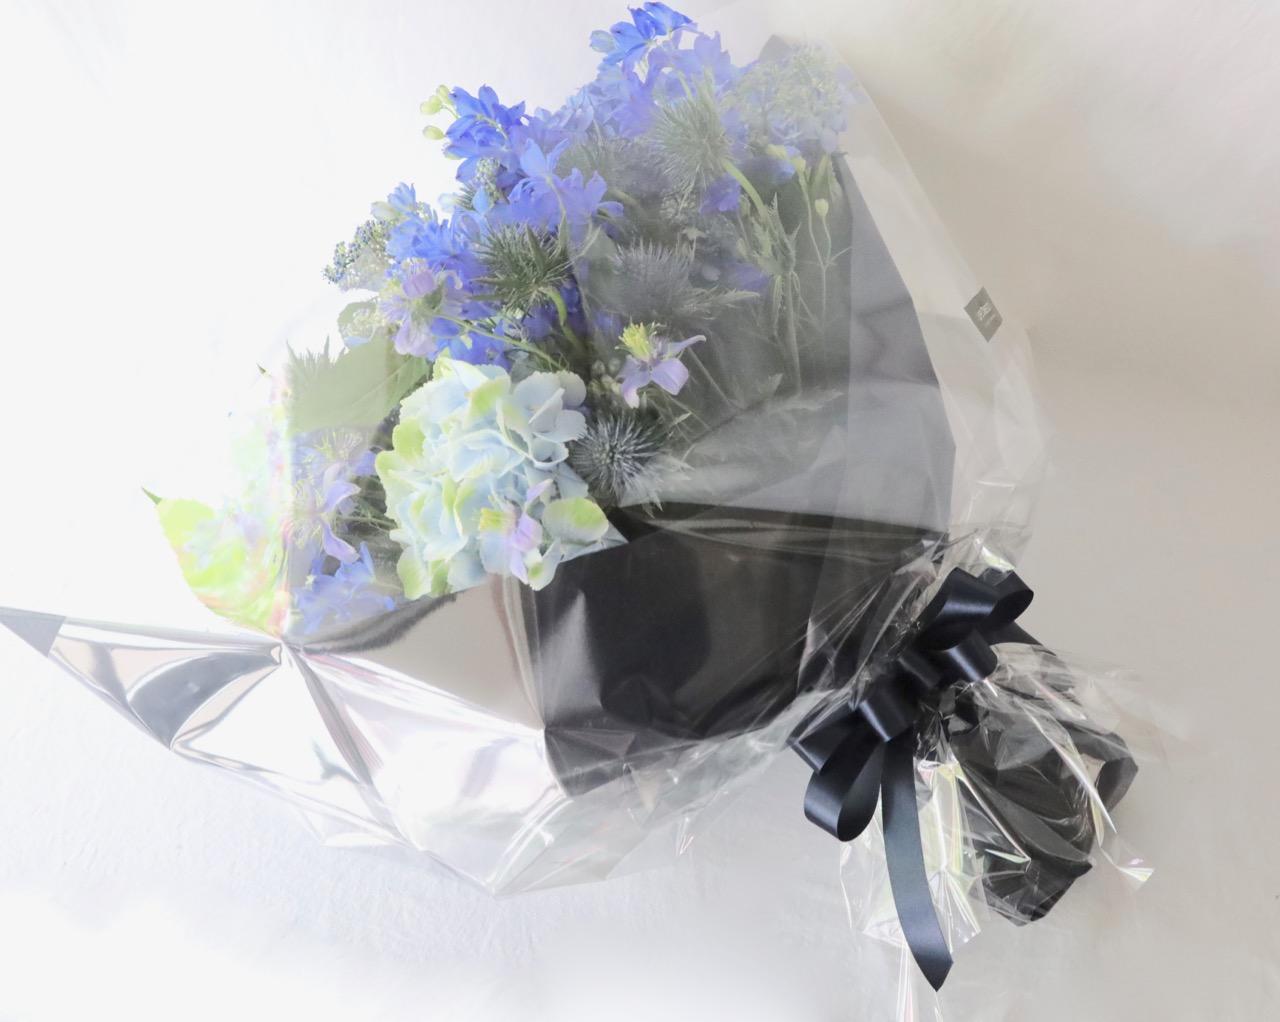 ★ 「6月」の花  青  Ao 〜 アジサイとデルフィニュウムに旬の小花を添えて。水や空を感じさせる潤いカラーを季節限定でお包みします。 〜  [ 特選花束 2L size ]   都心エリア限定配送